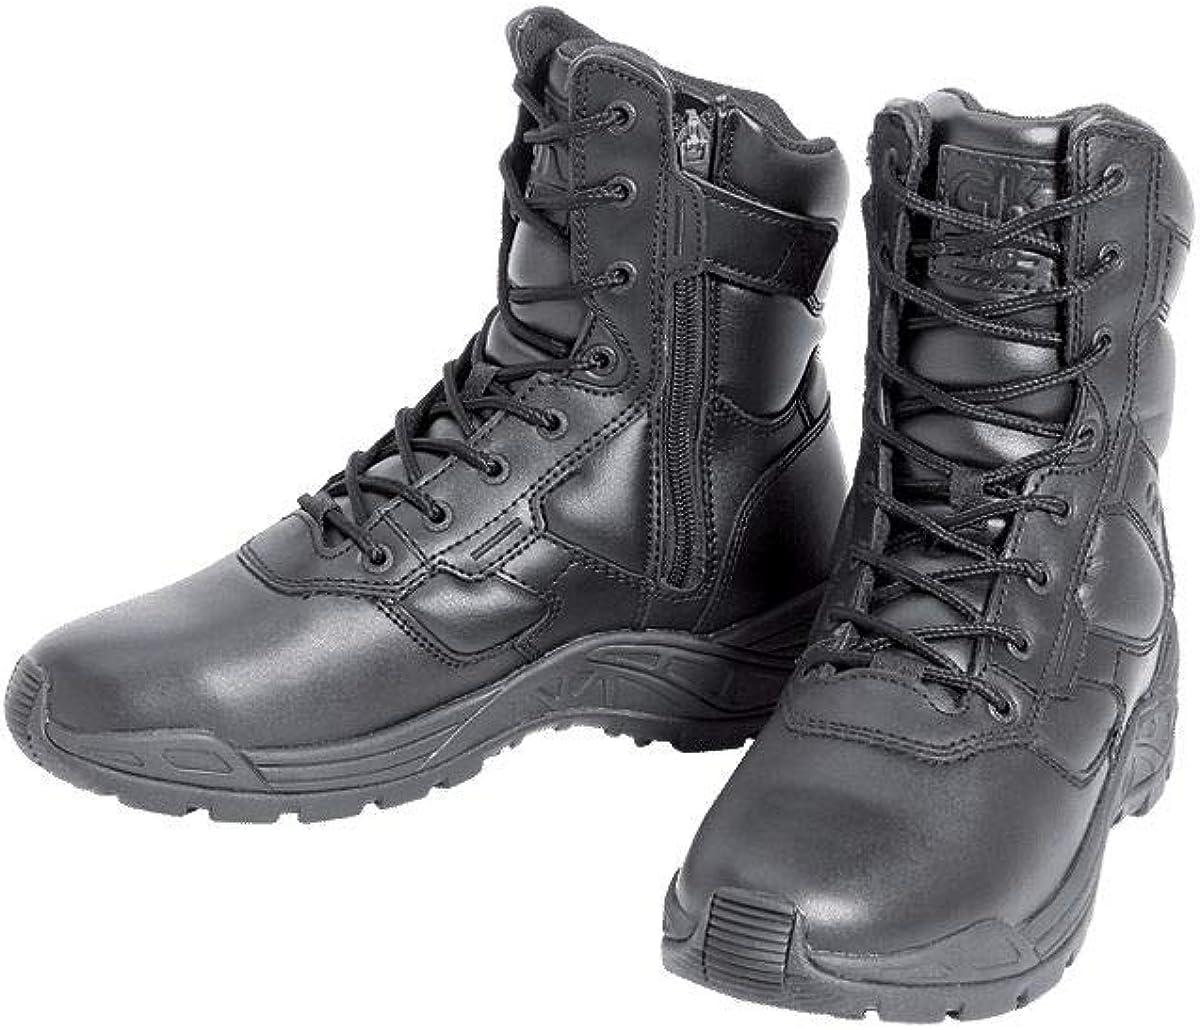 Gk Pro Chaussures dintervention Field Cuir /& Zip